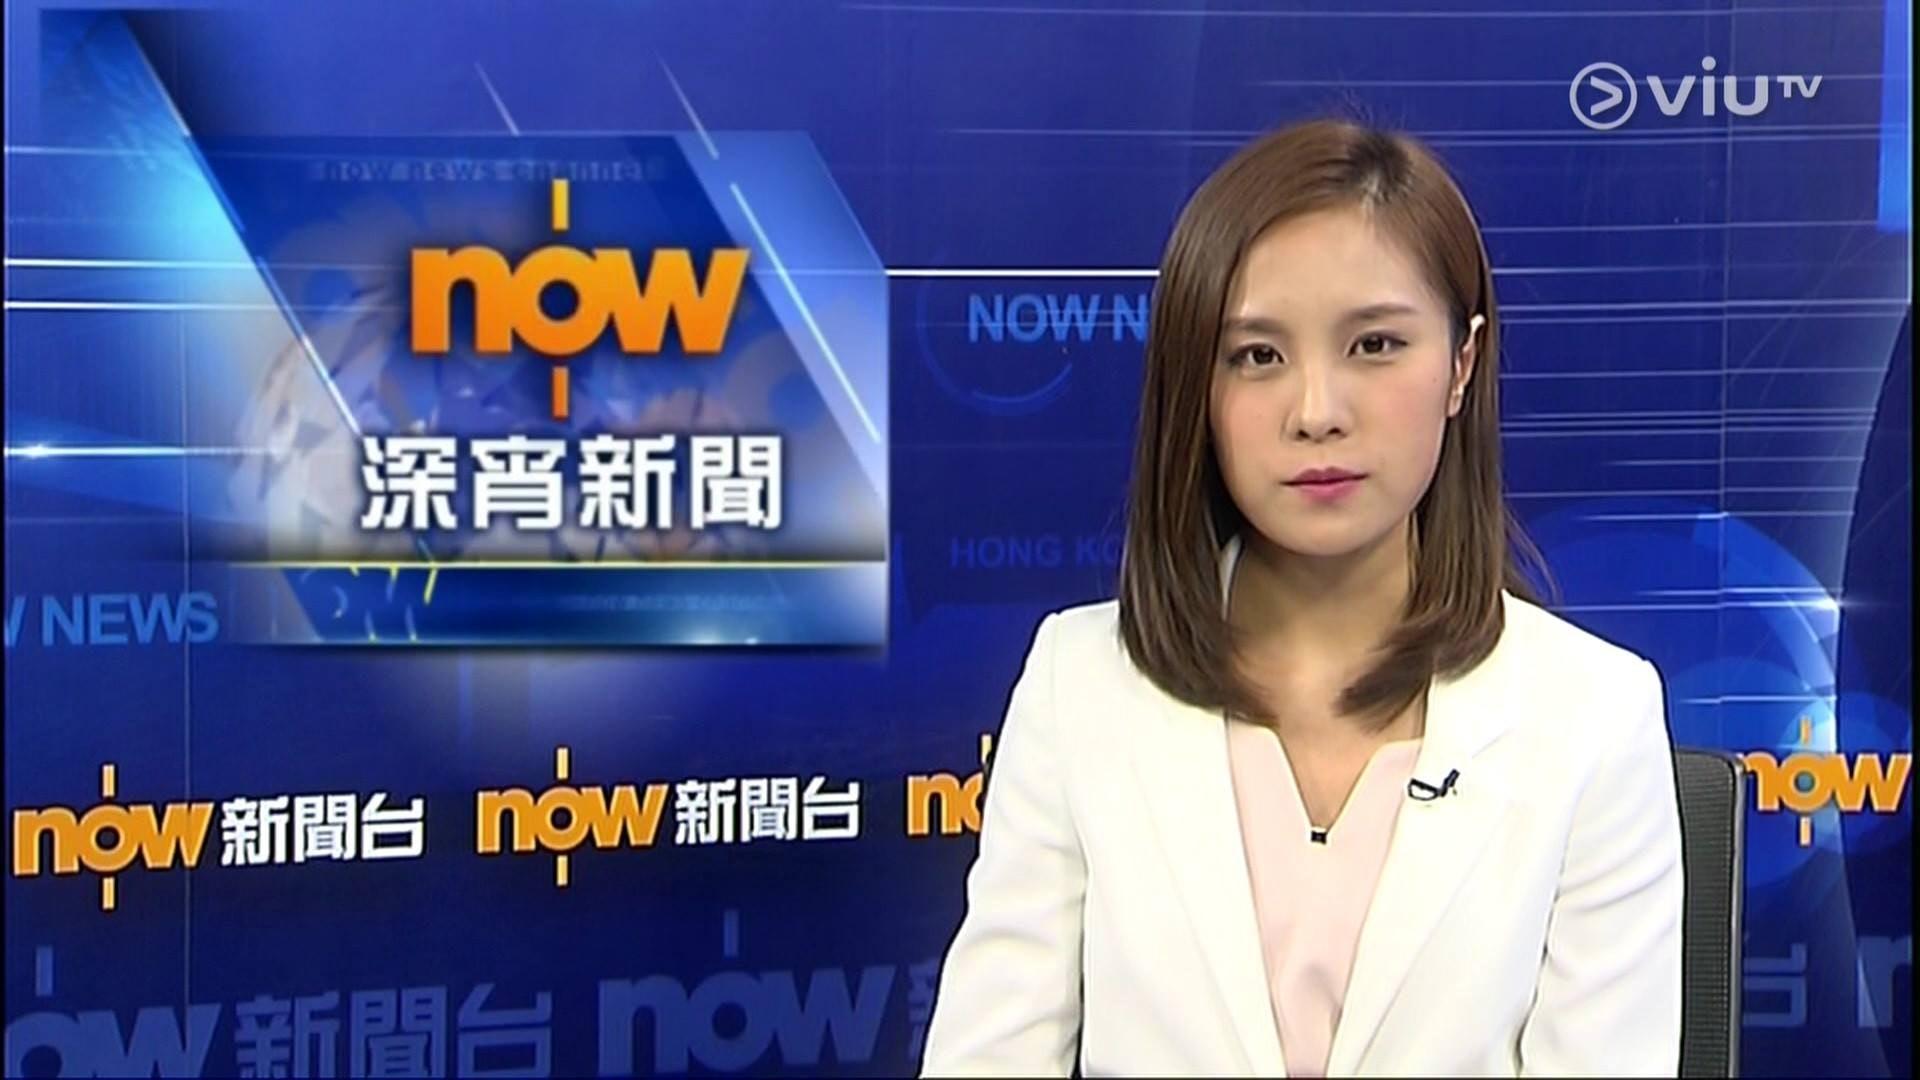 丘靜雯經常主持深宵新聞節目,有不少捱更抵夜的球迷,睇波前都會望下。